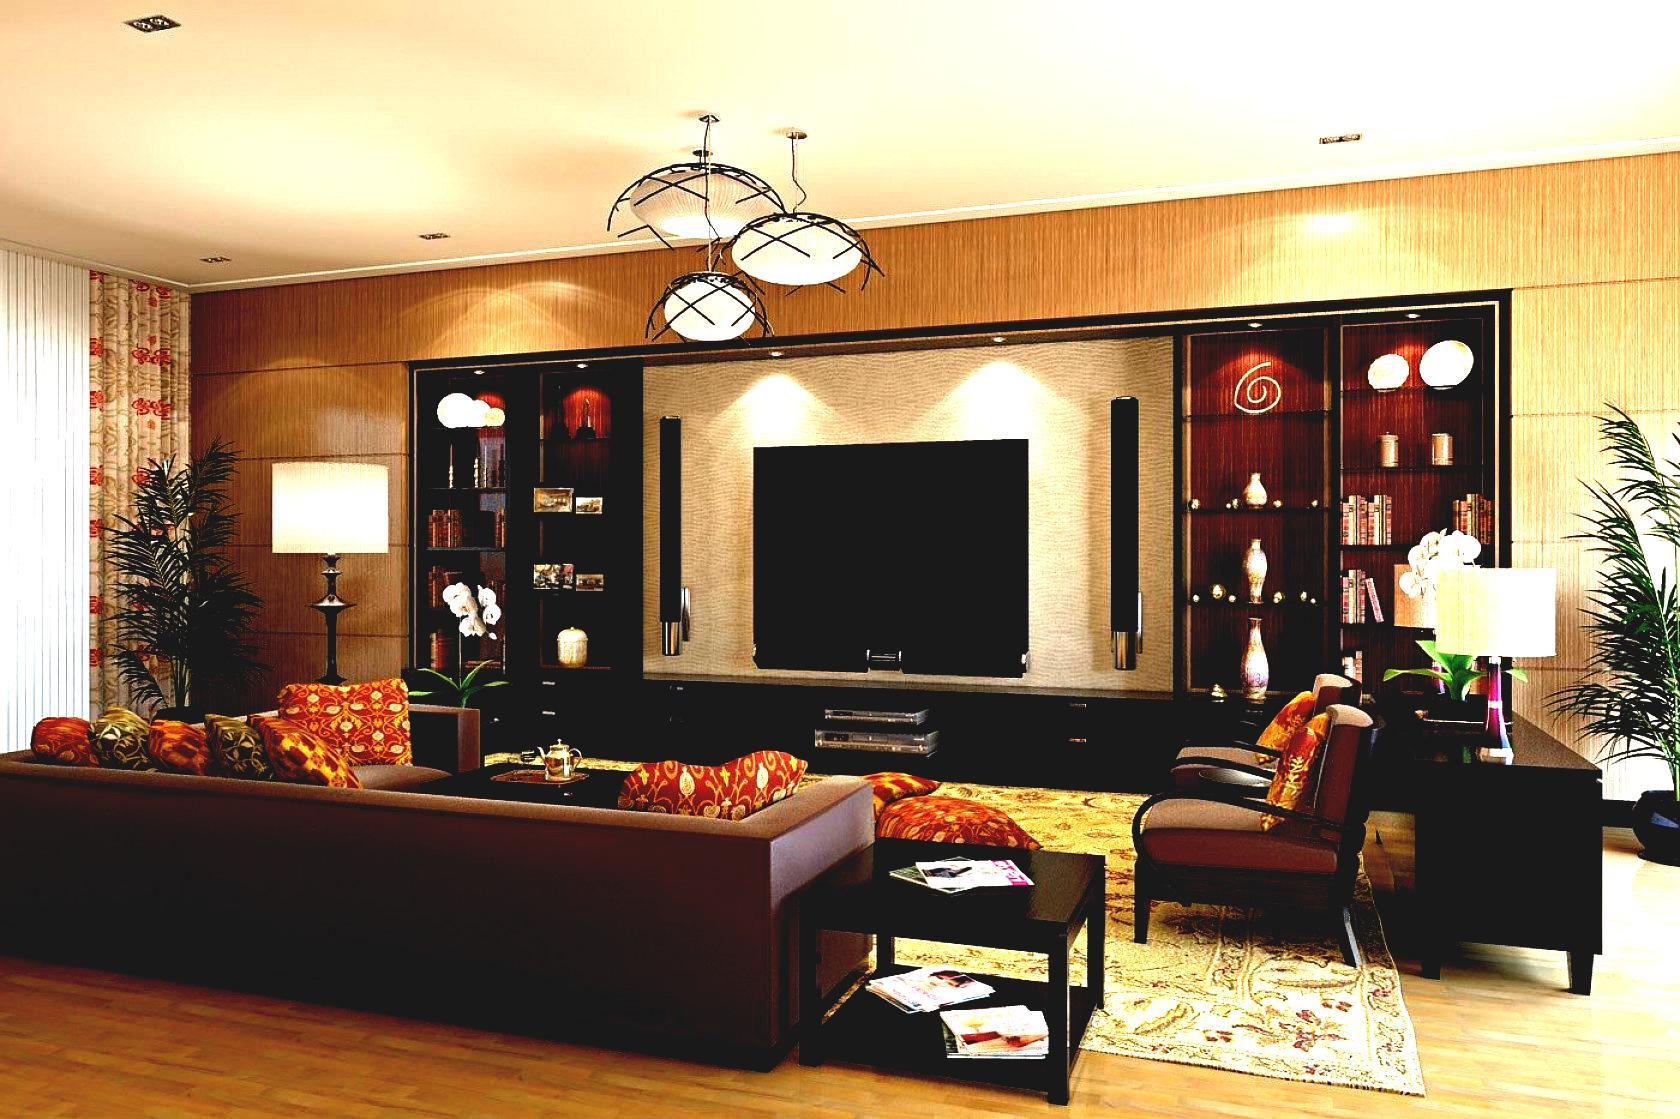 Wallpaper Design Living Room Ideas Unique Livingroom Drawing Room Designs Indian 934838 Hd Wallpaper Backgrounds Download